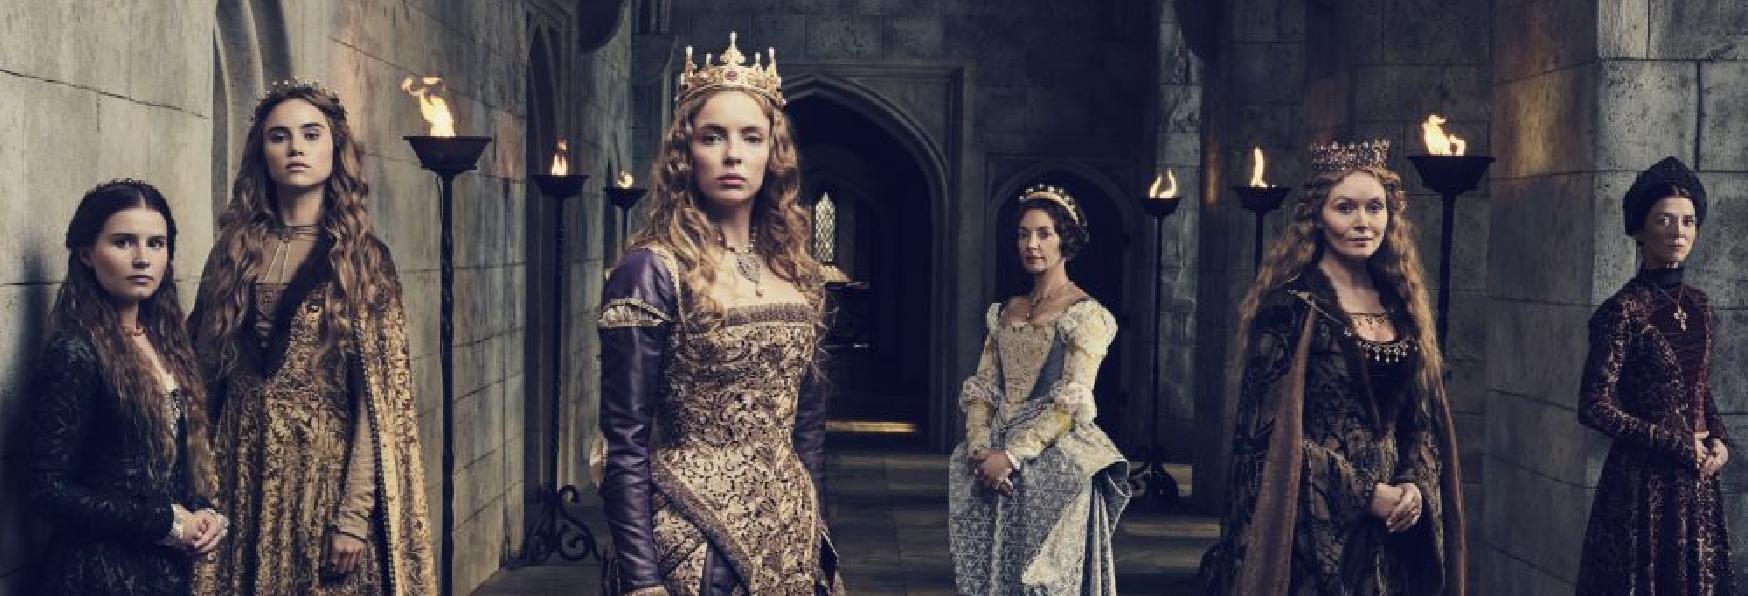 The Spanish Princess: il trailer della miniserie sull'Inghilterra dei Tudor